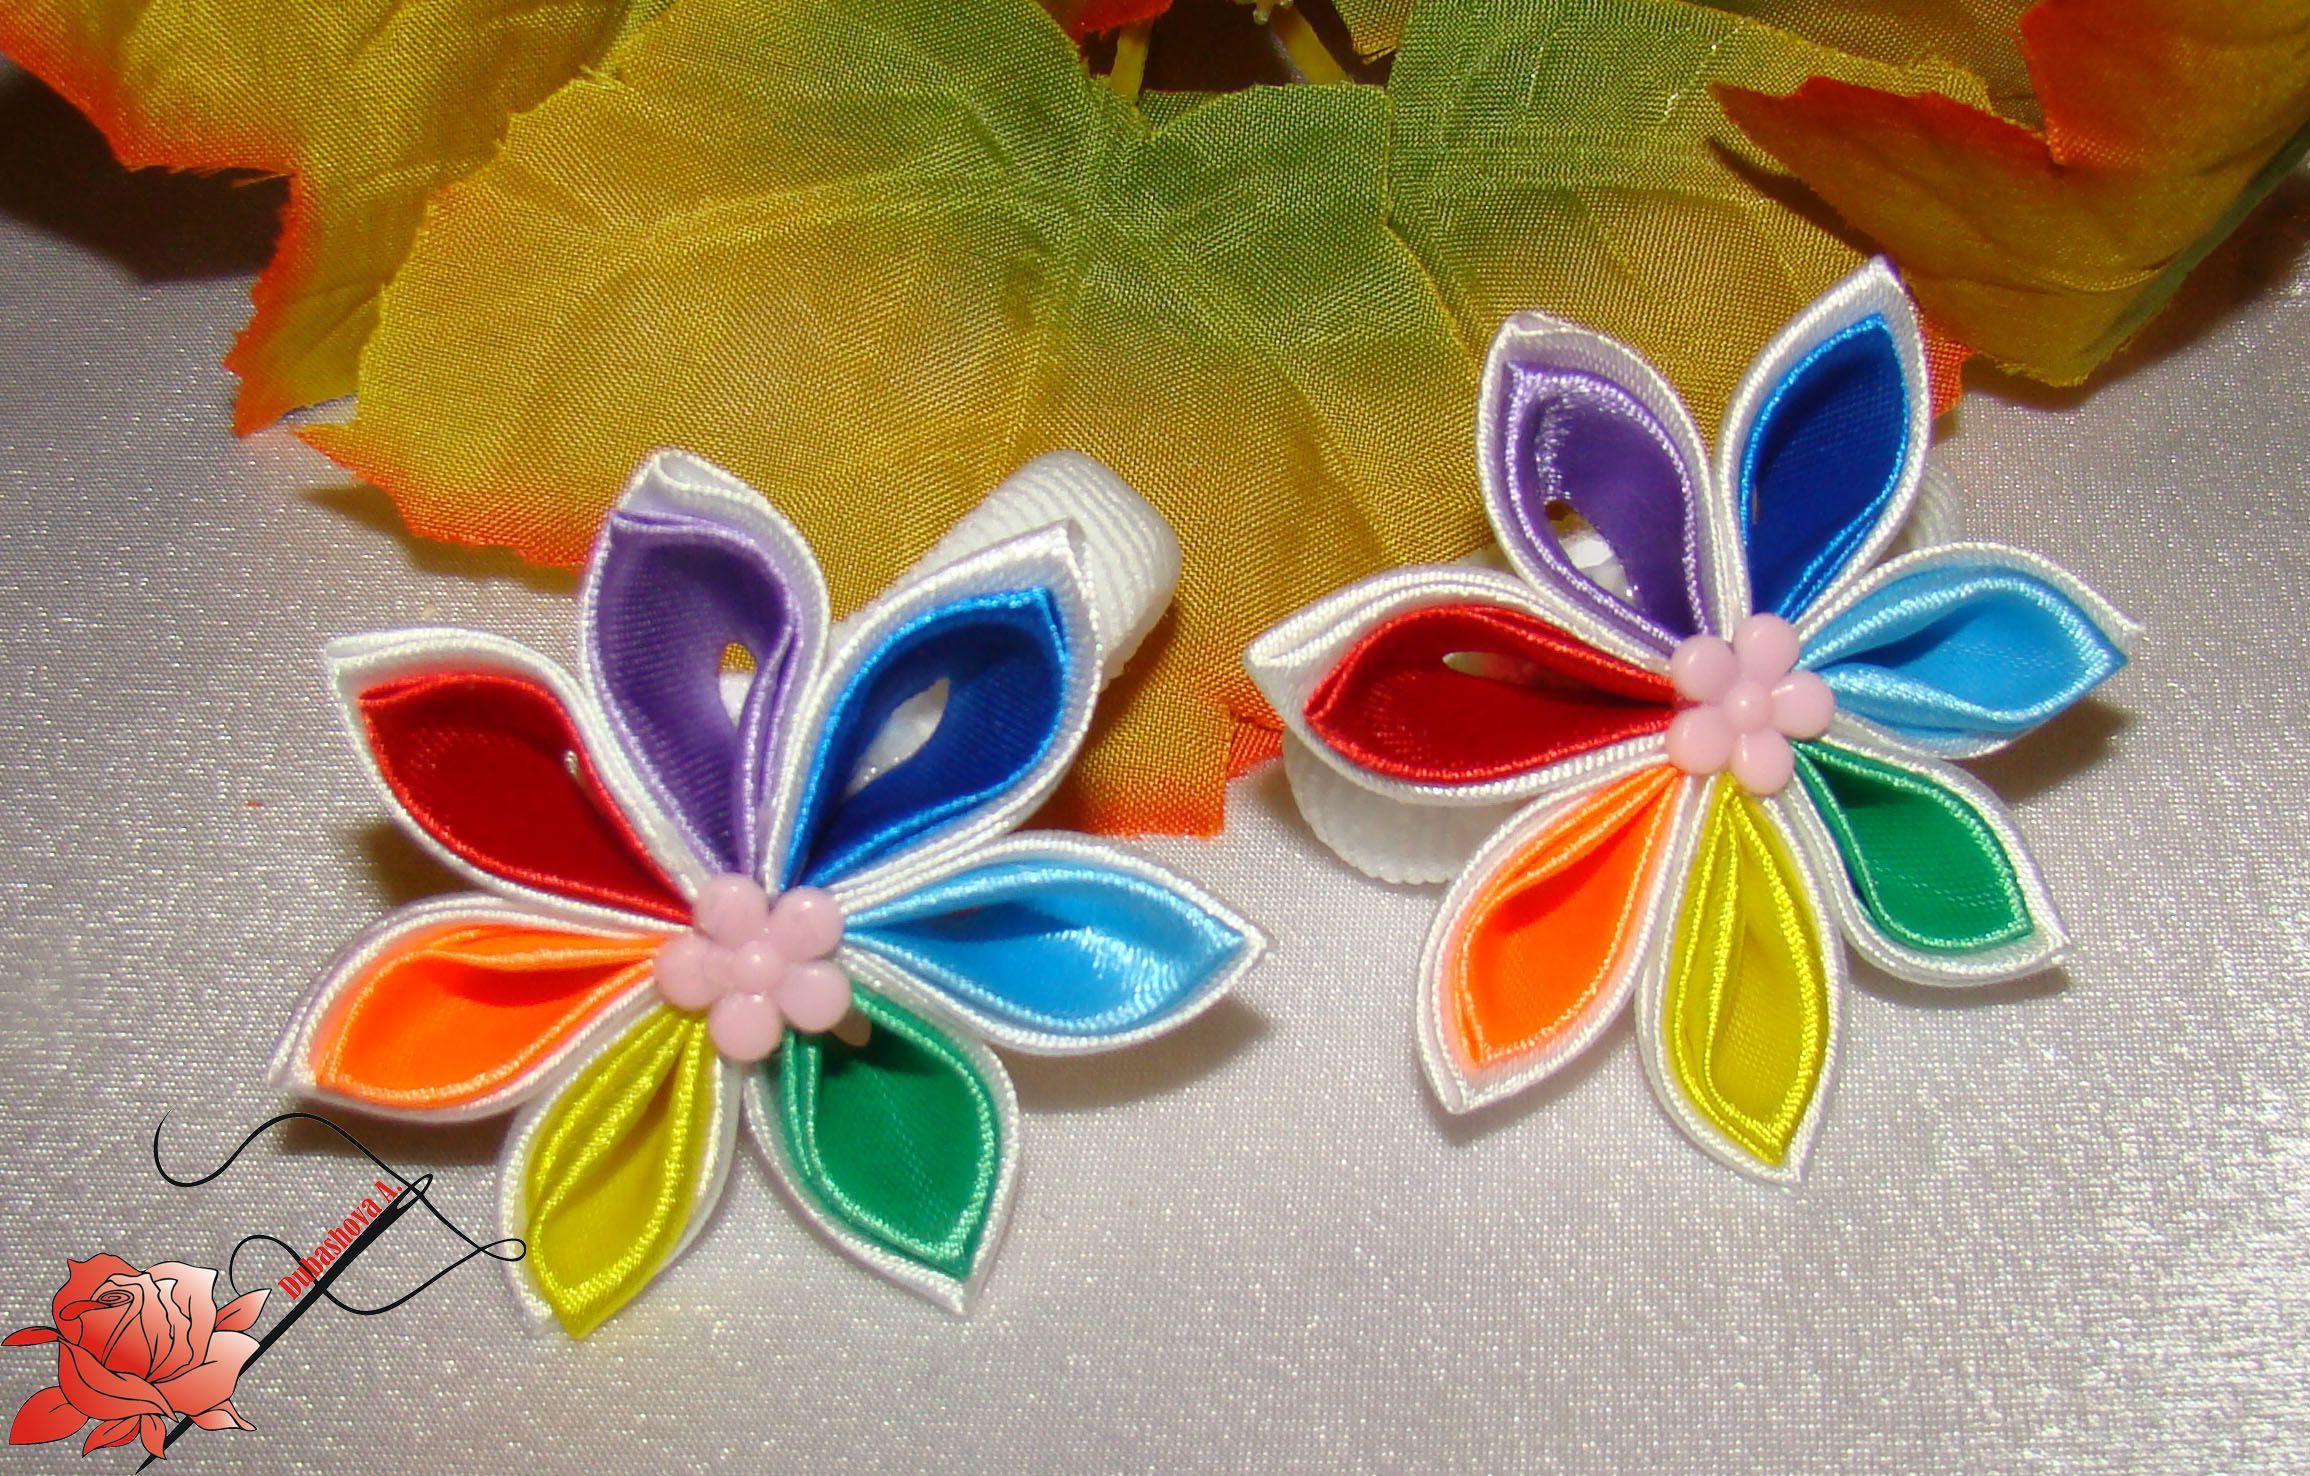 радуга лентыатласные резинкидляволос канзаши handmade дляпринцессы